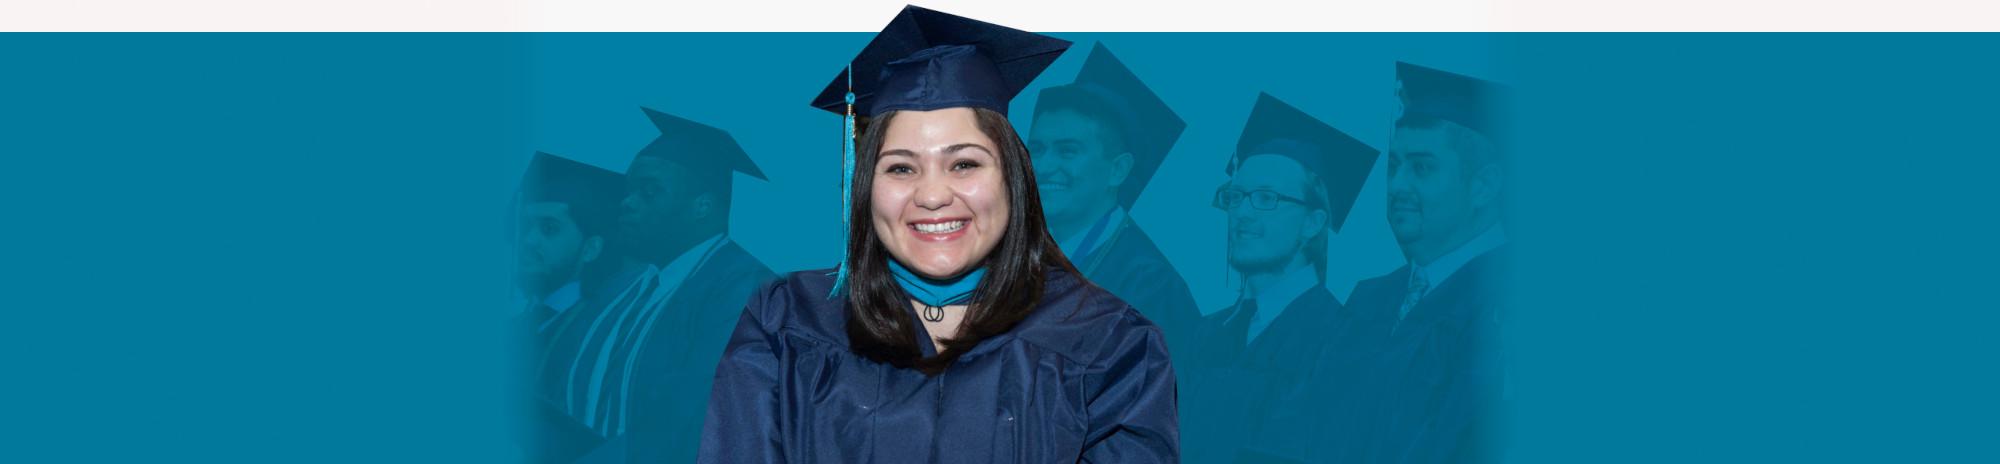 CUPPA Graduate